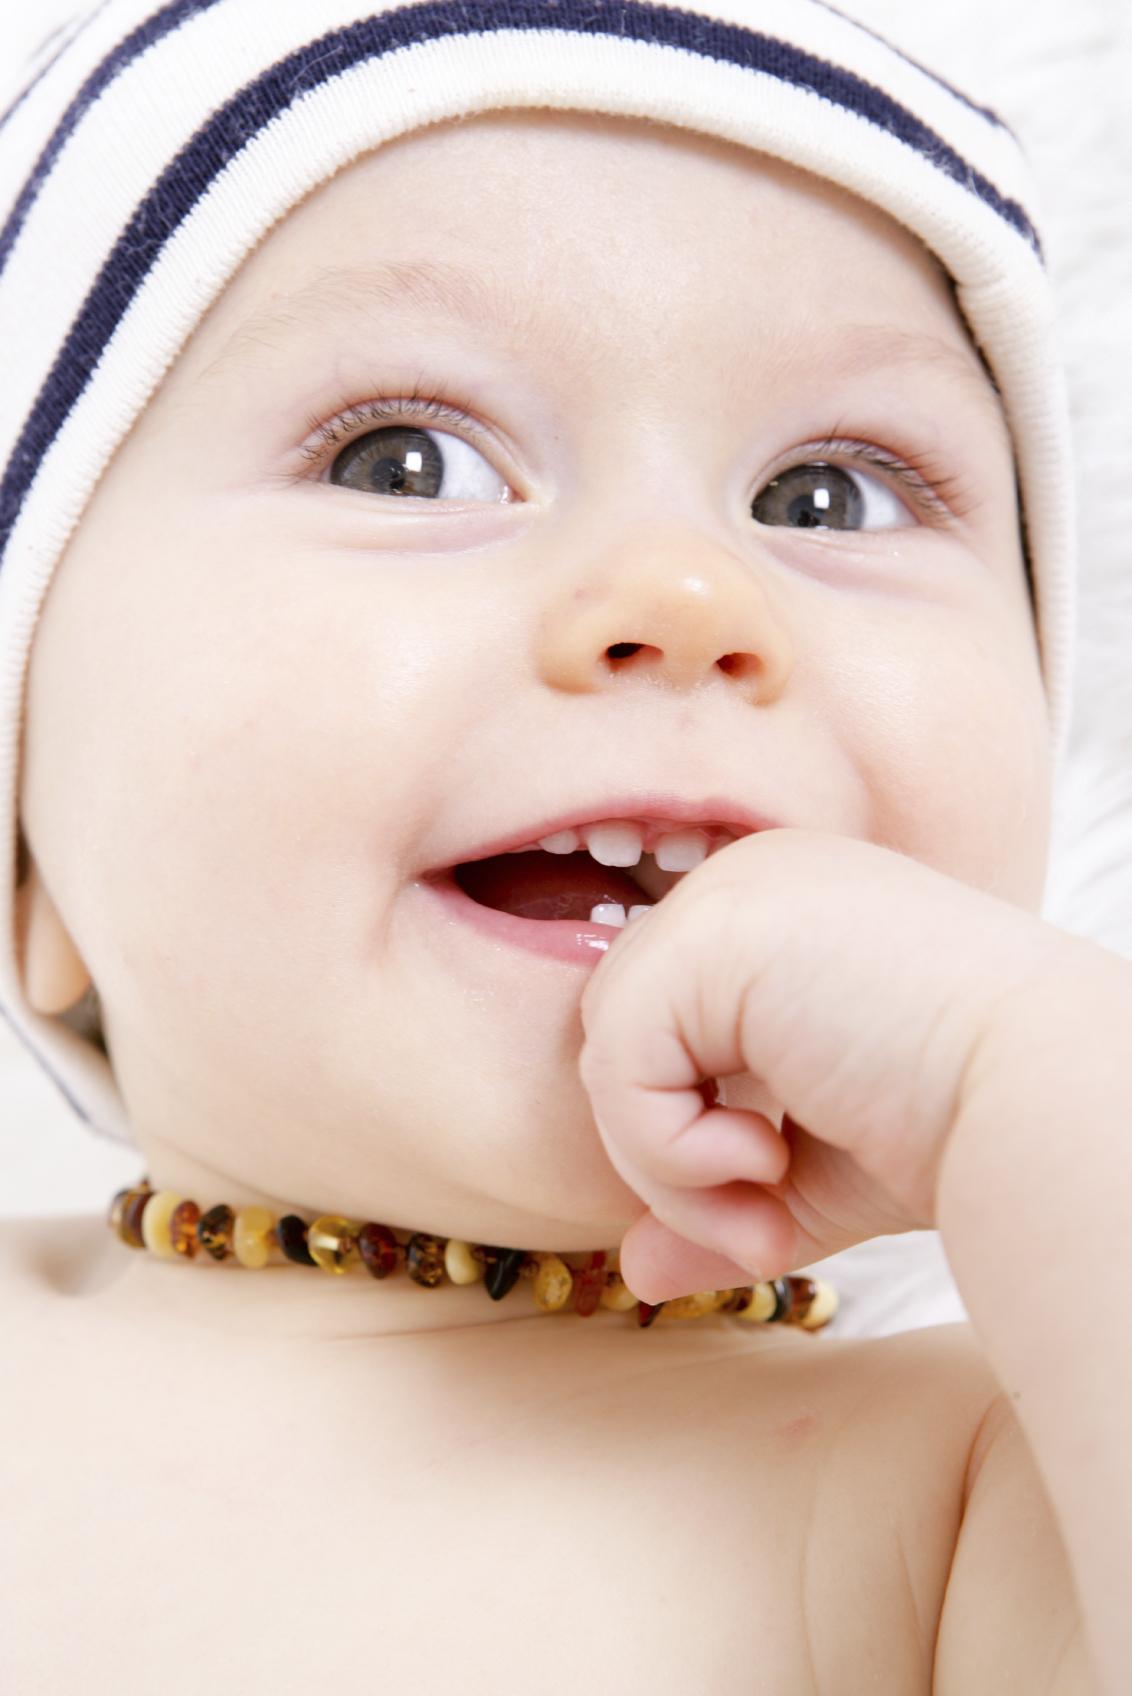 bébé avec un collier d